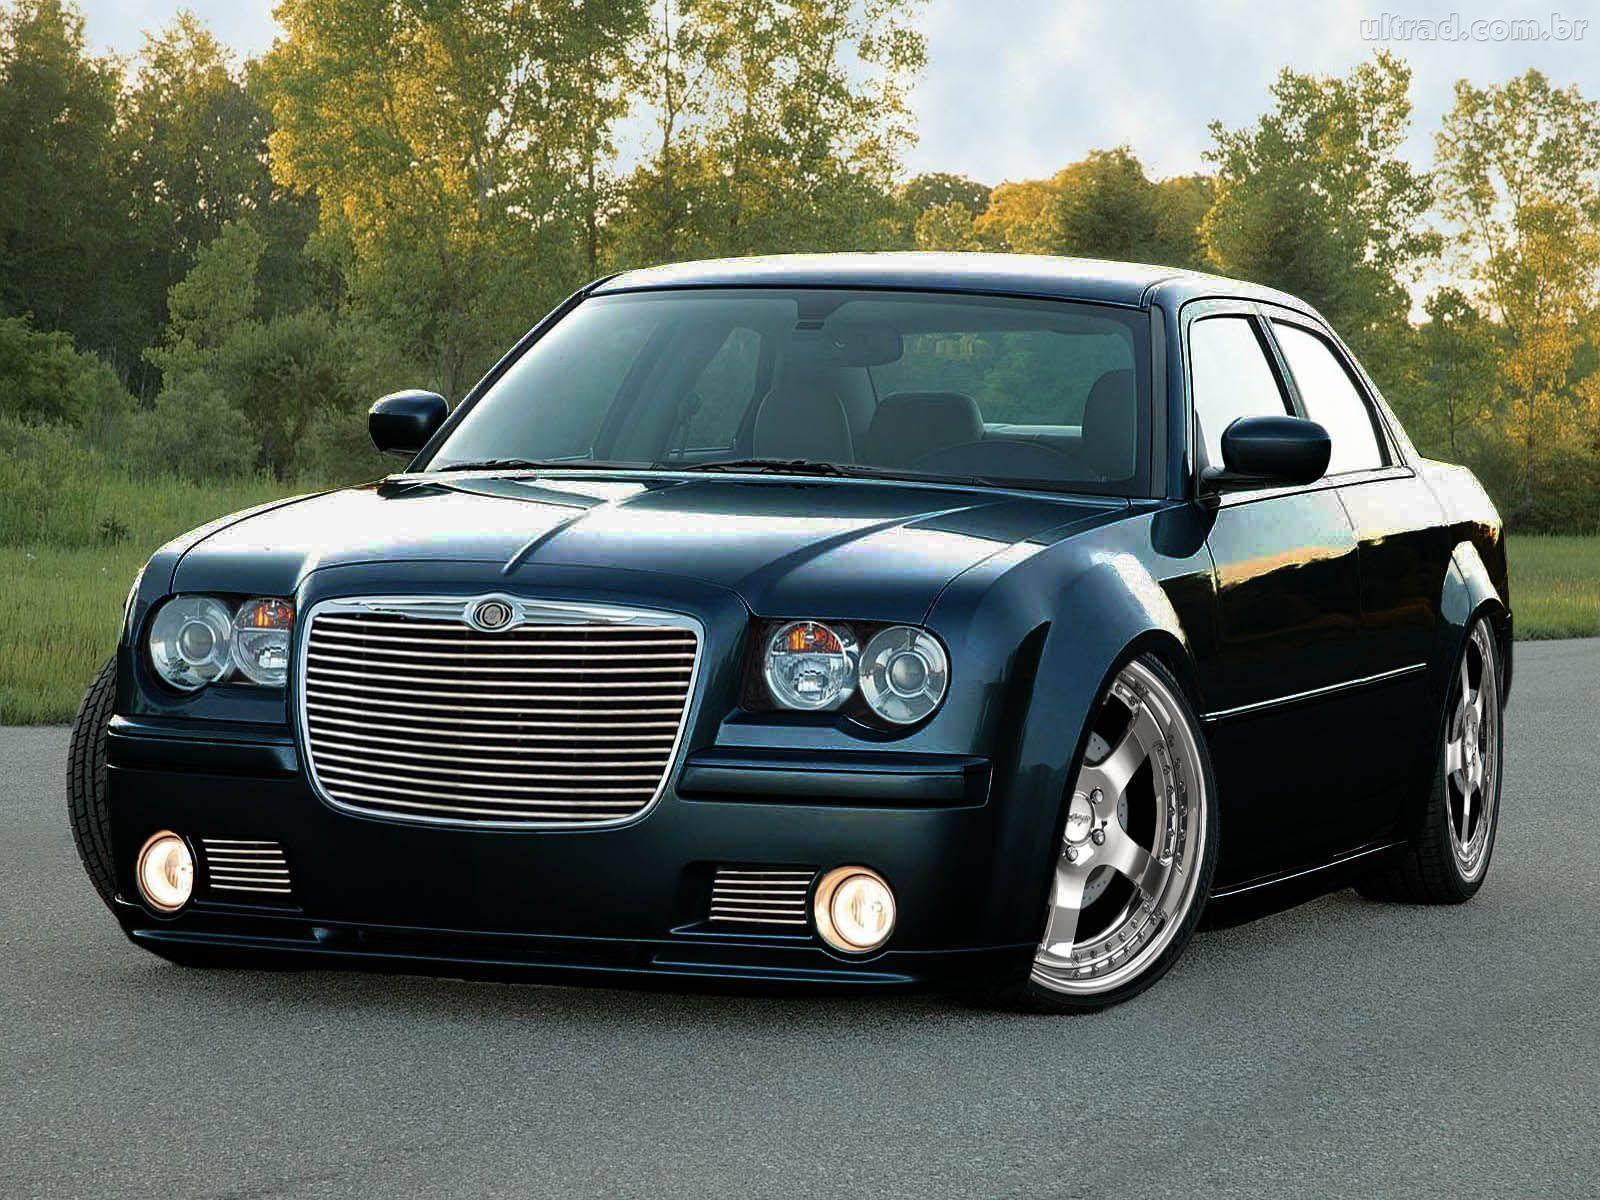 Chrysler bing images